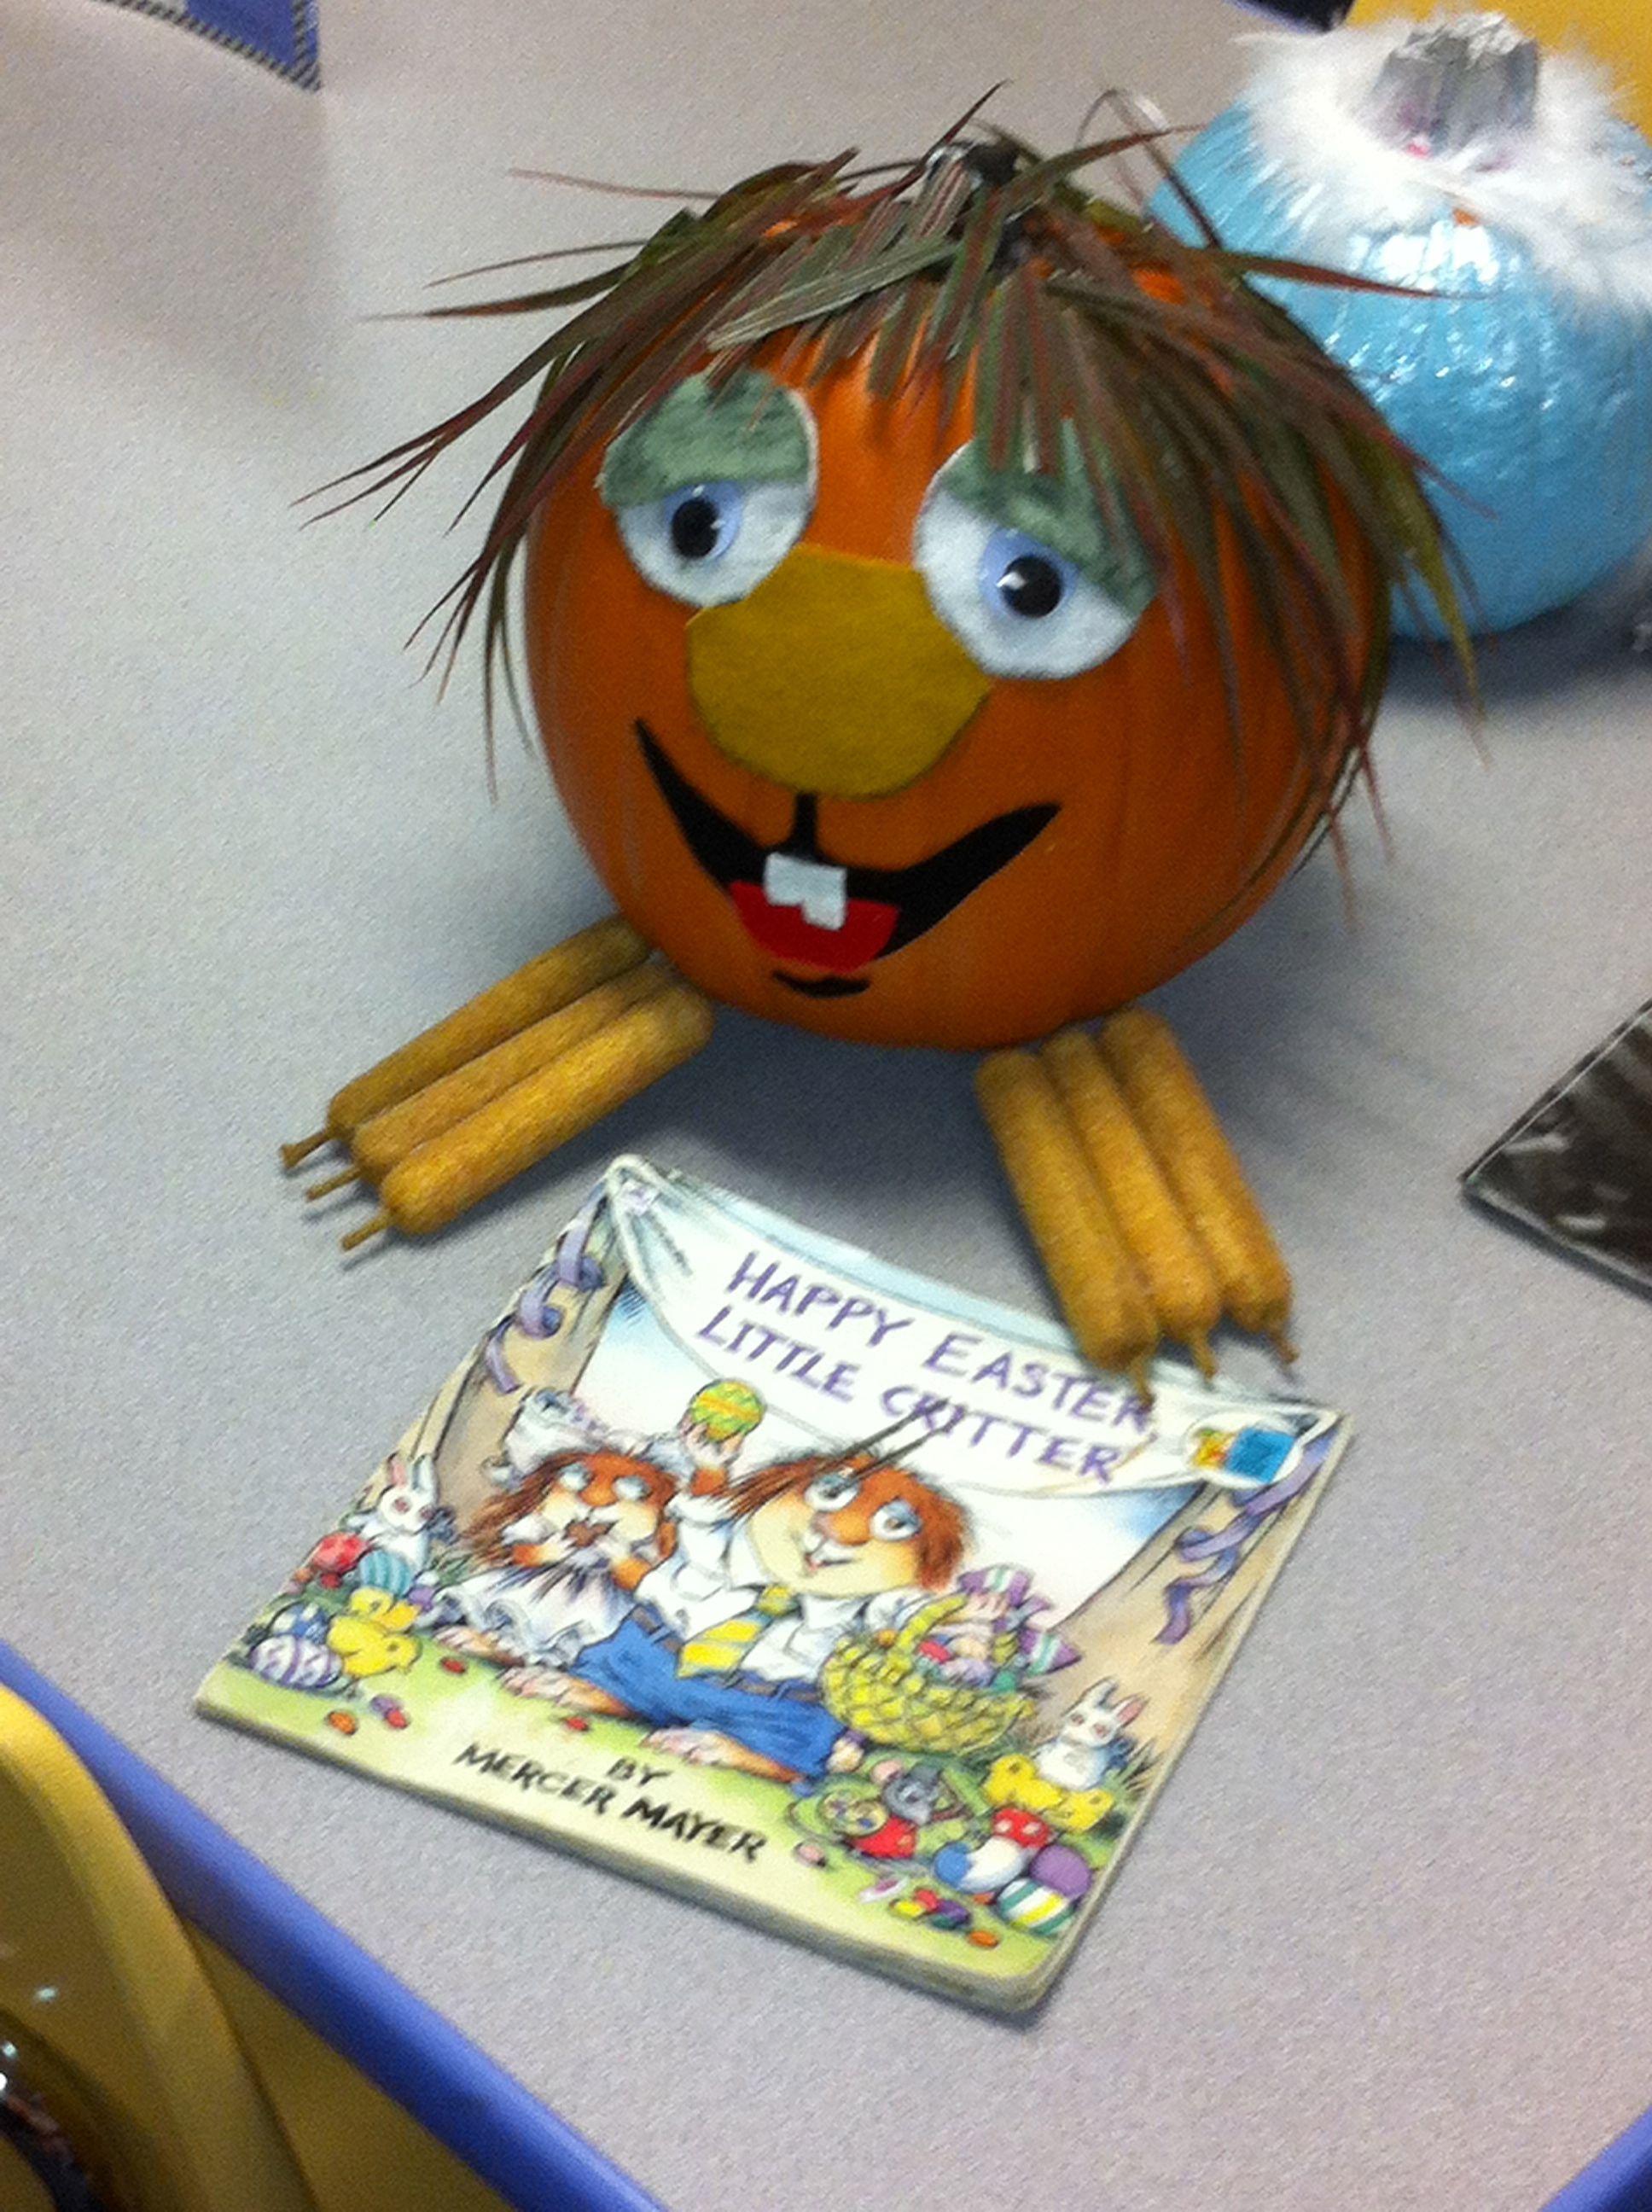 Literary Character Pumpkin Little Critter Book Character Pumpkins Character Pumpkins Pumpkin Books